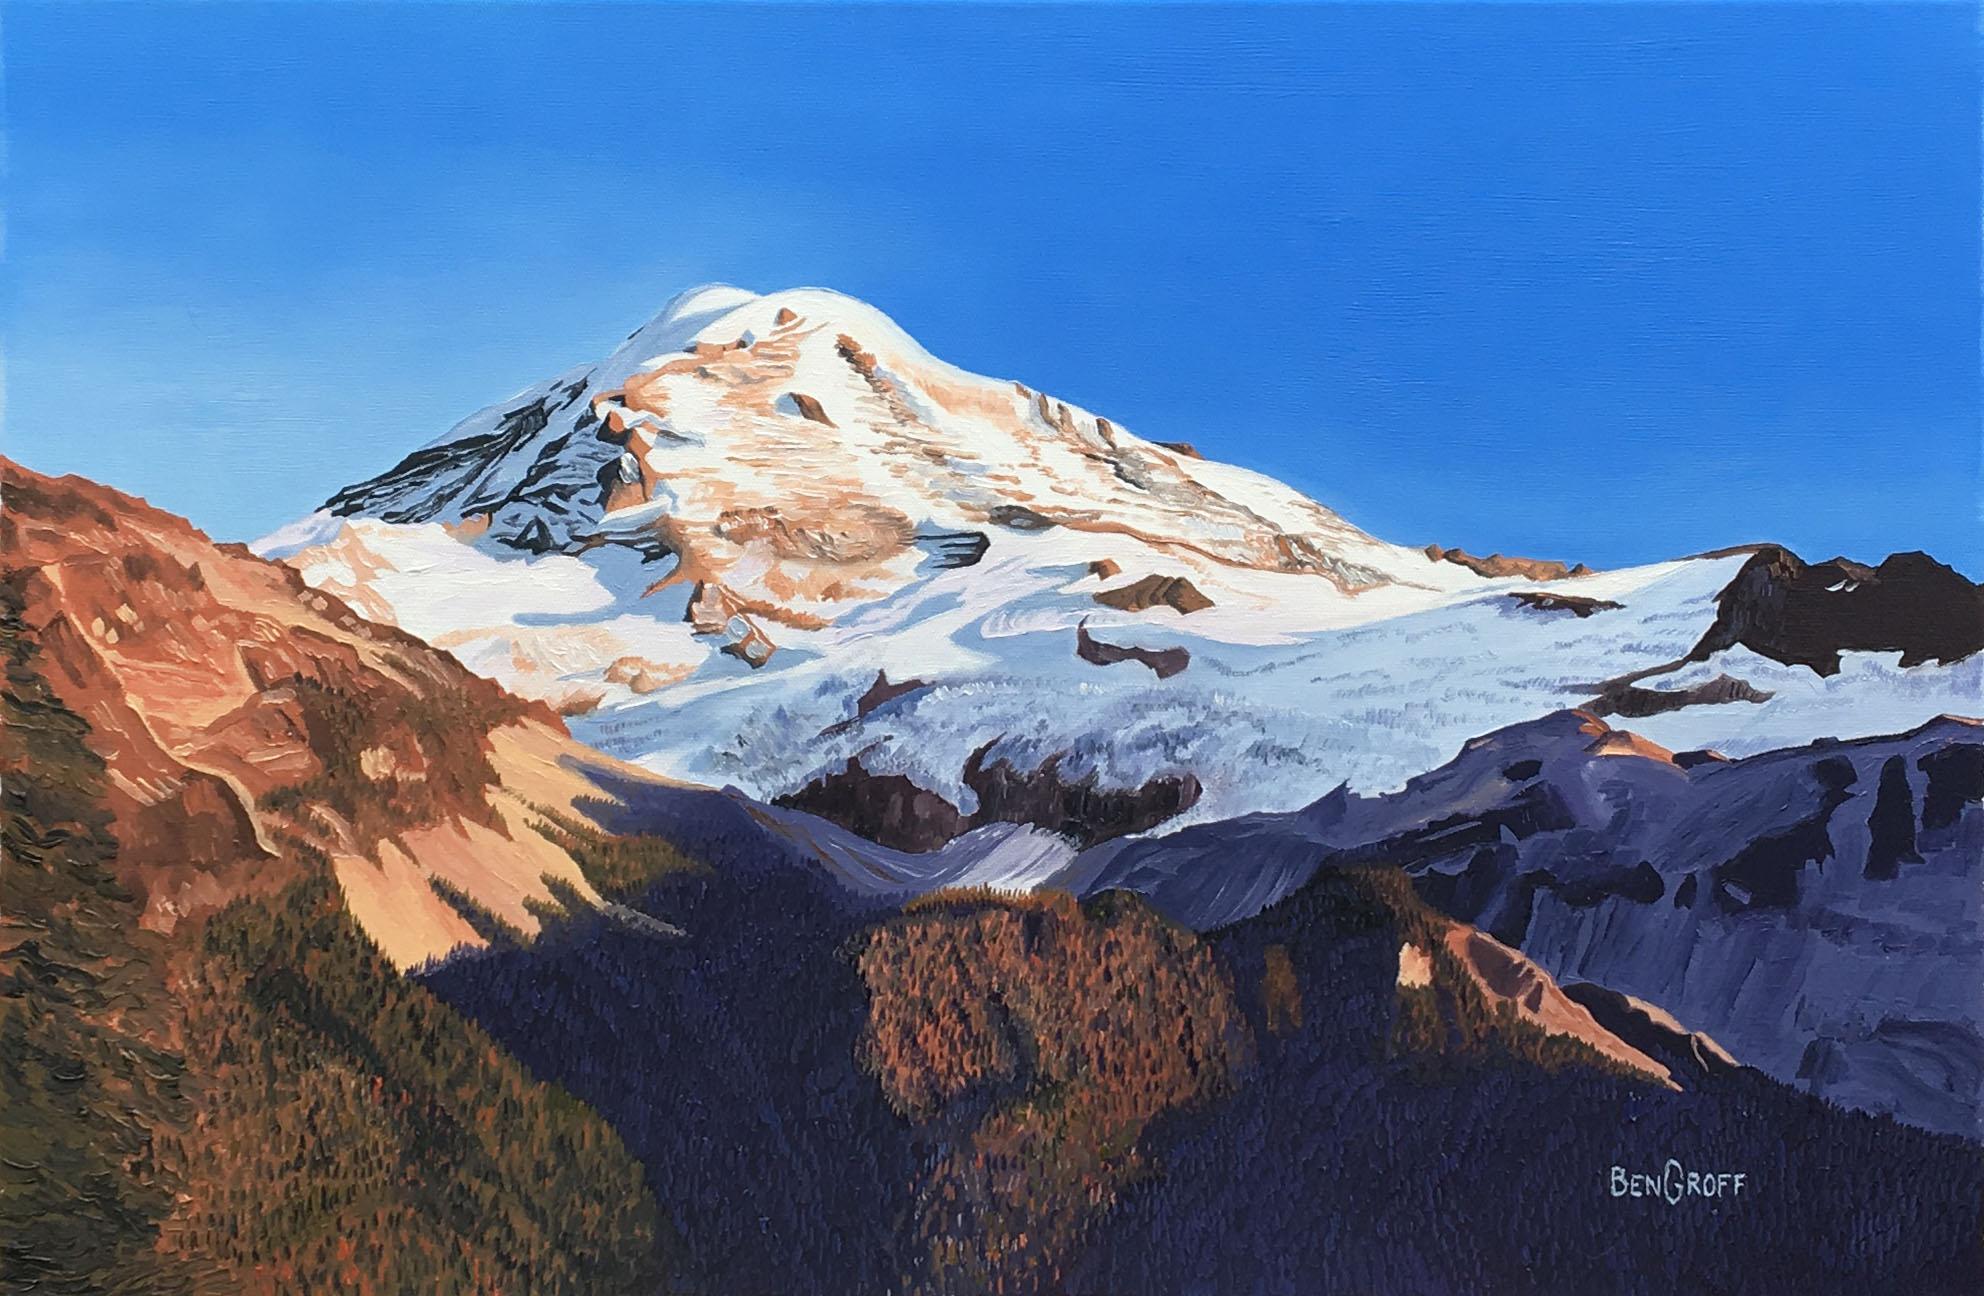 Mt.-Rainier-Sunset-Amphitheater